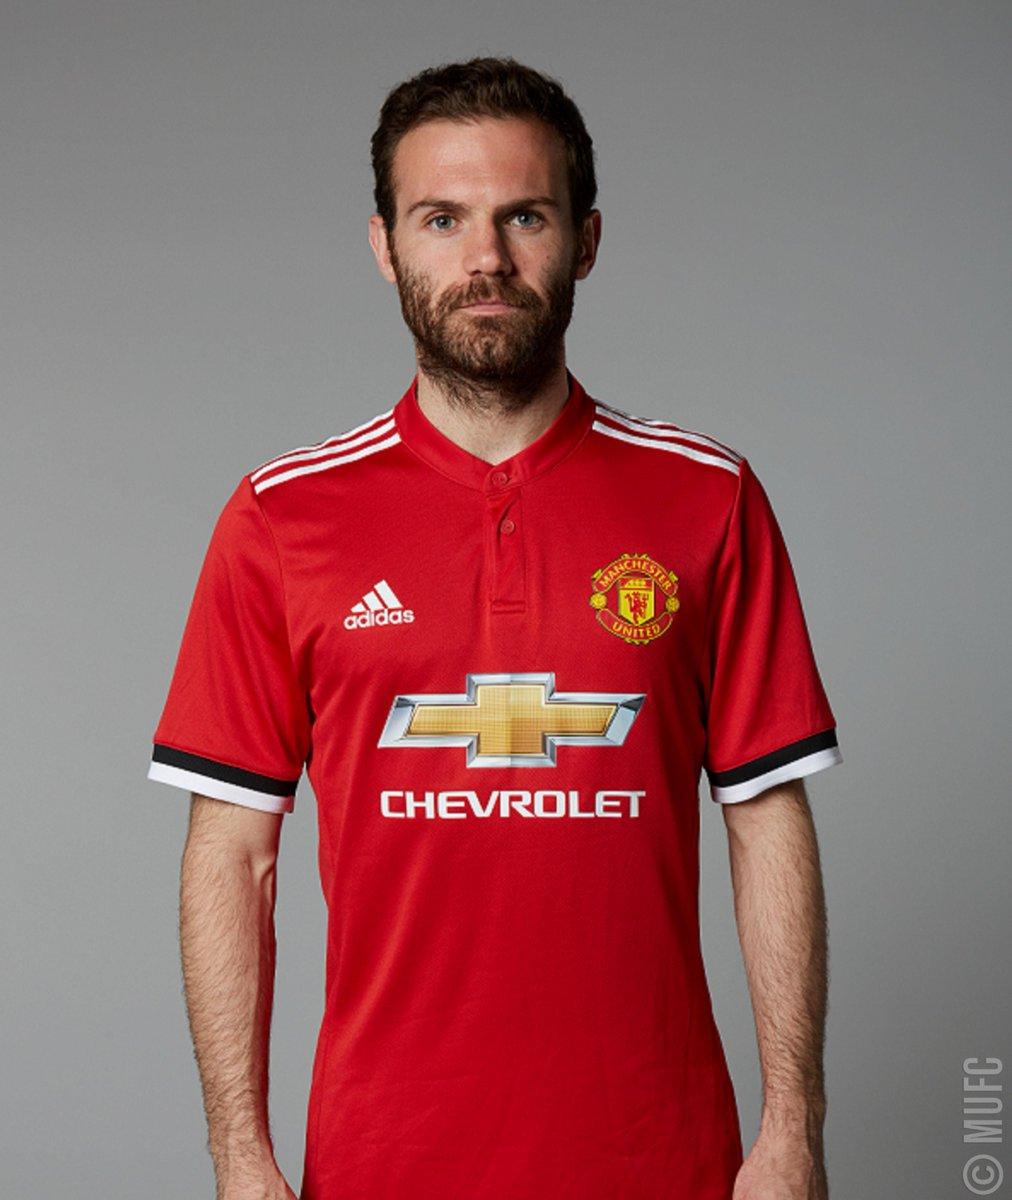 30b7e6cb Manchester United on Twitter: